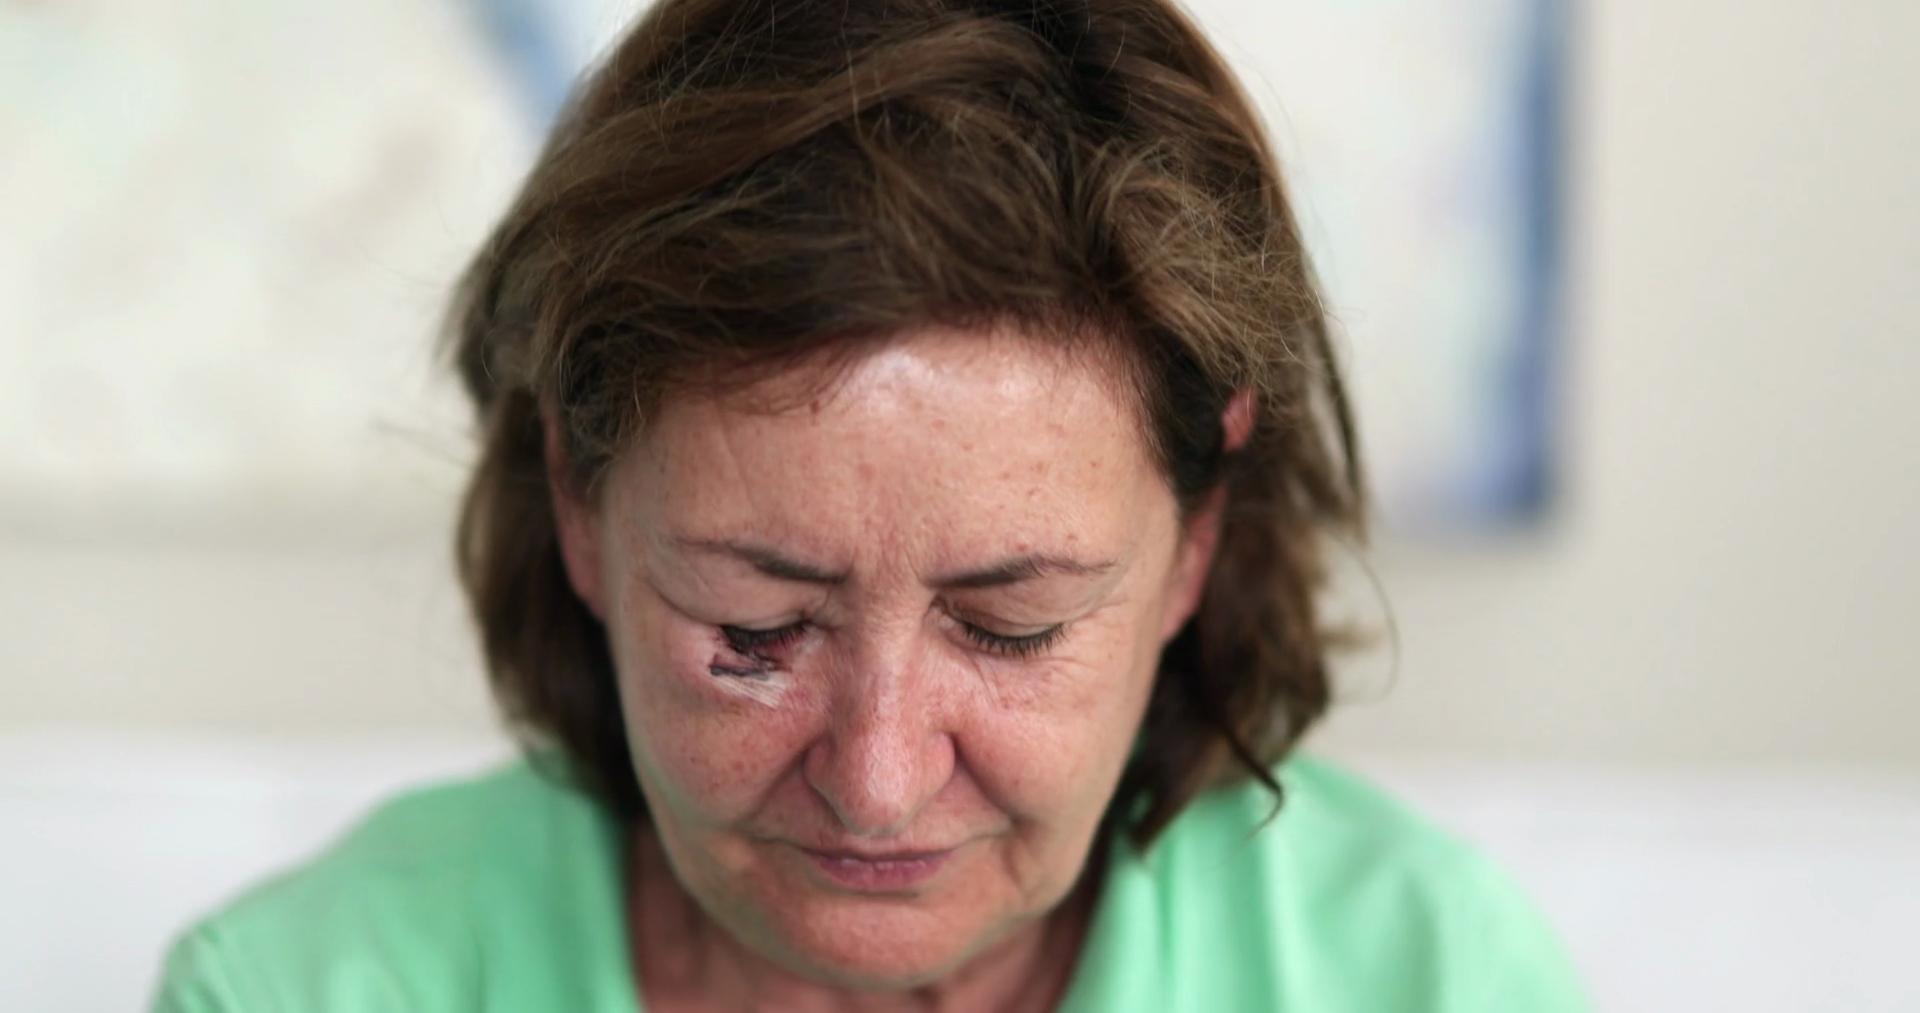 """ULS. Aggressioni operatori sanitari: """"L'emergenza non si ferma solo con pene più severe""""."""